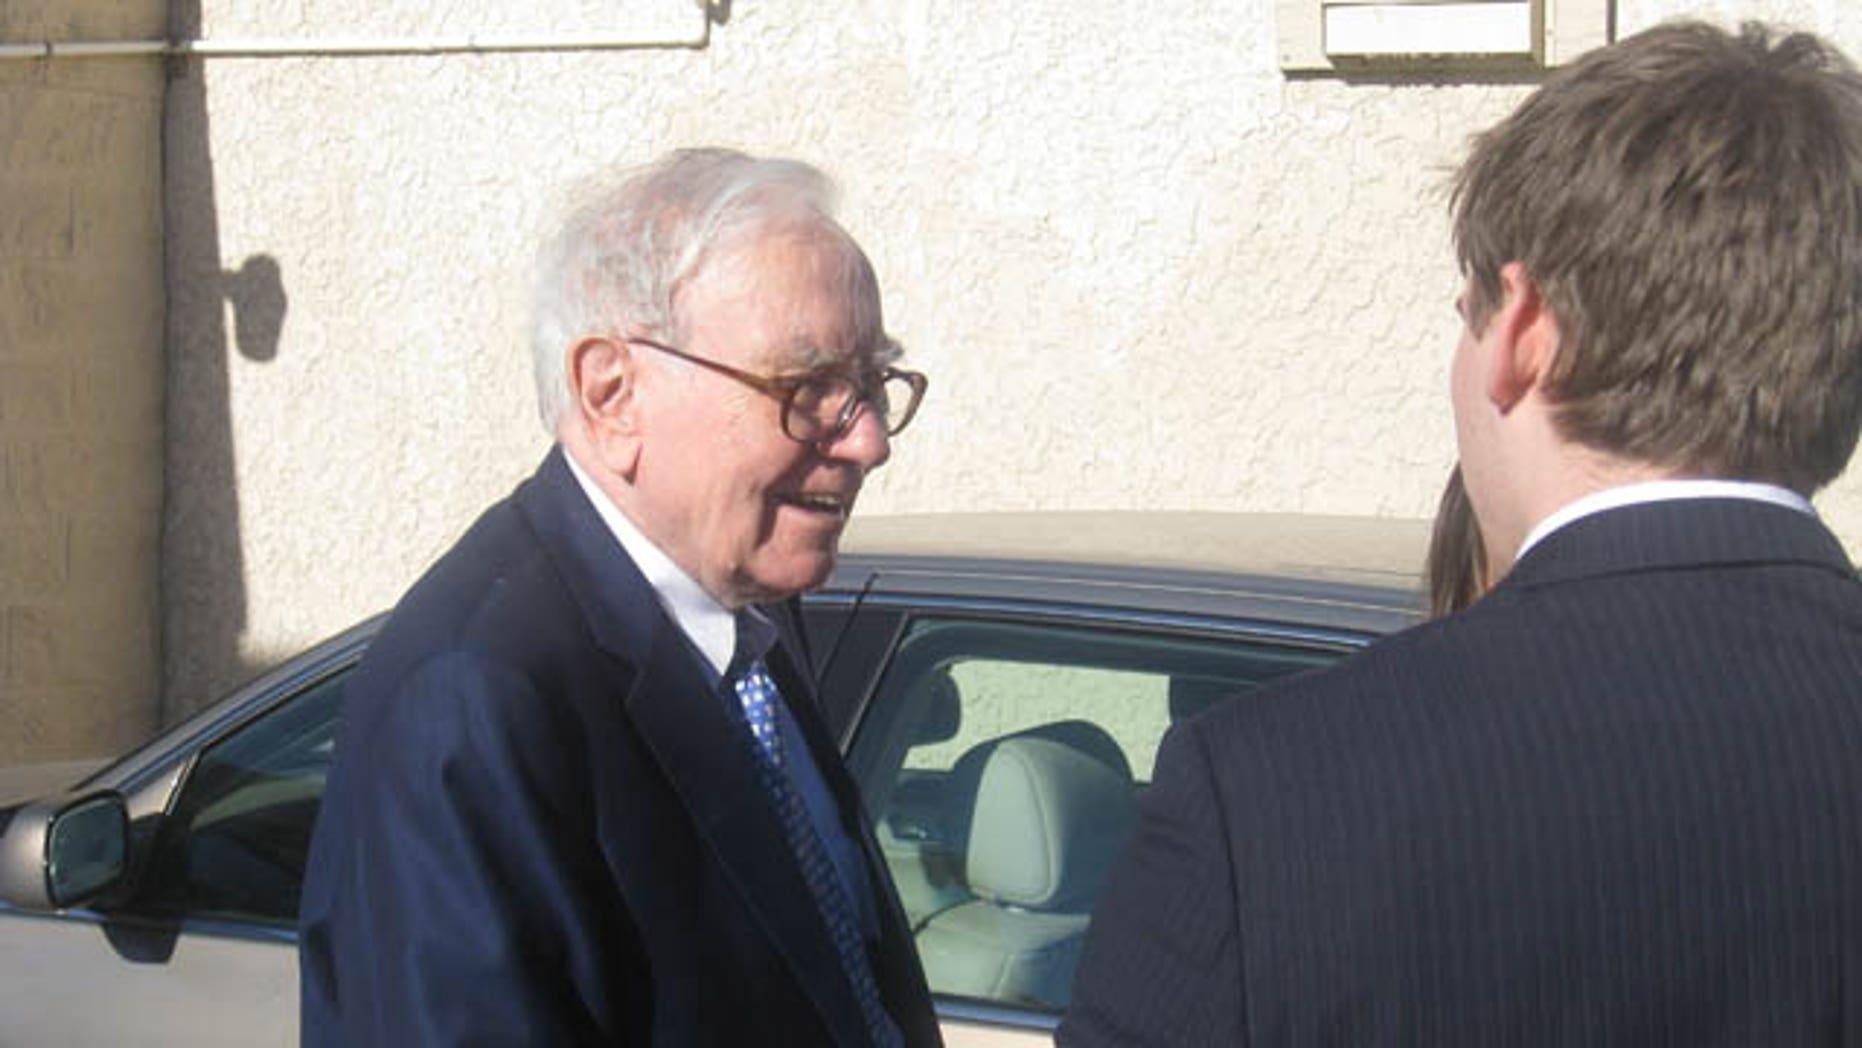 This photo shows Warren Buffett.